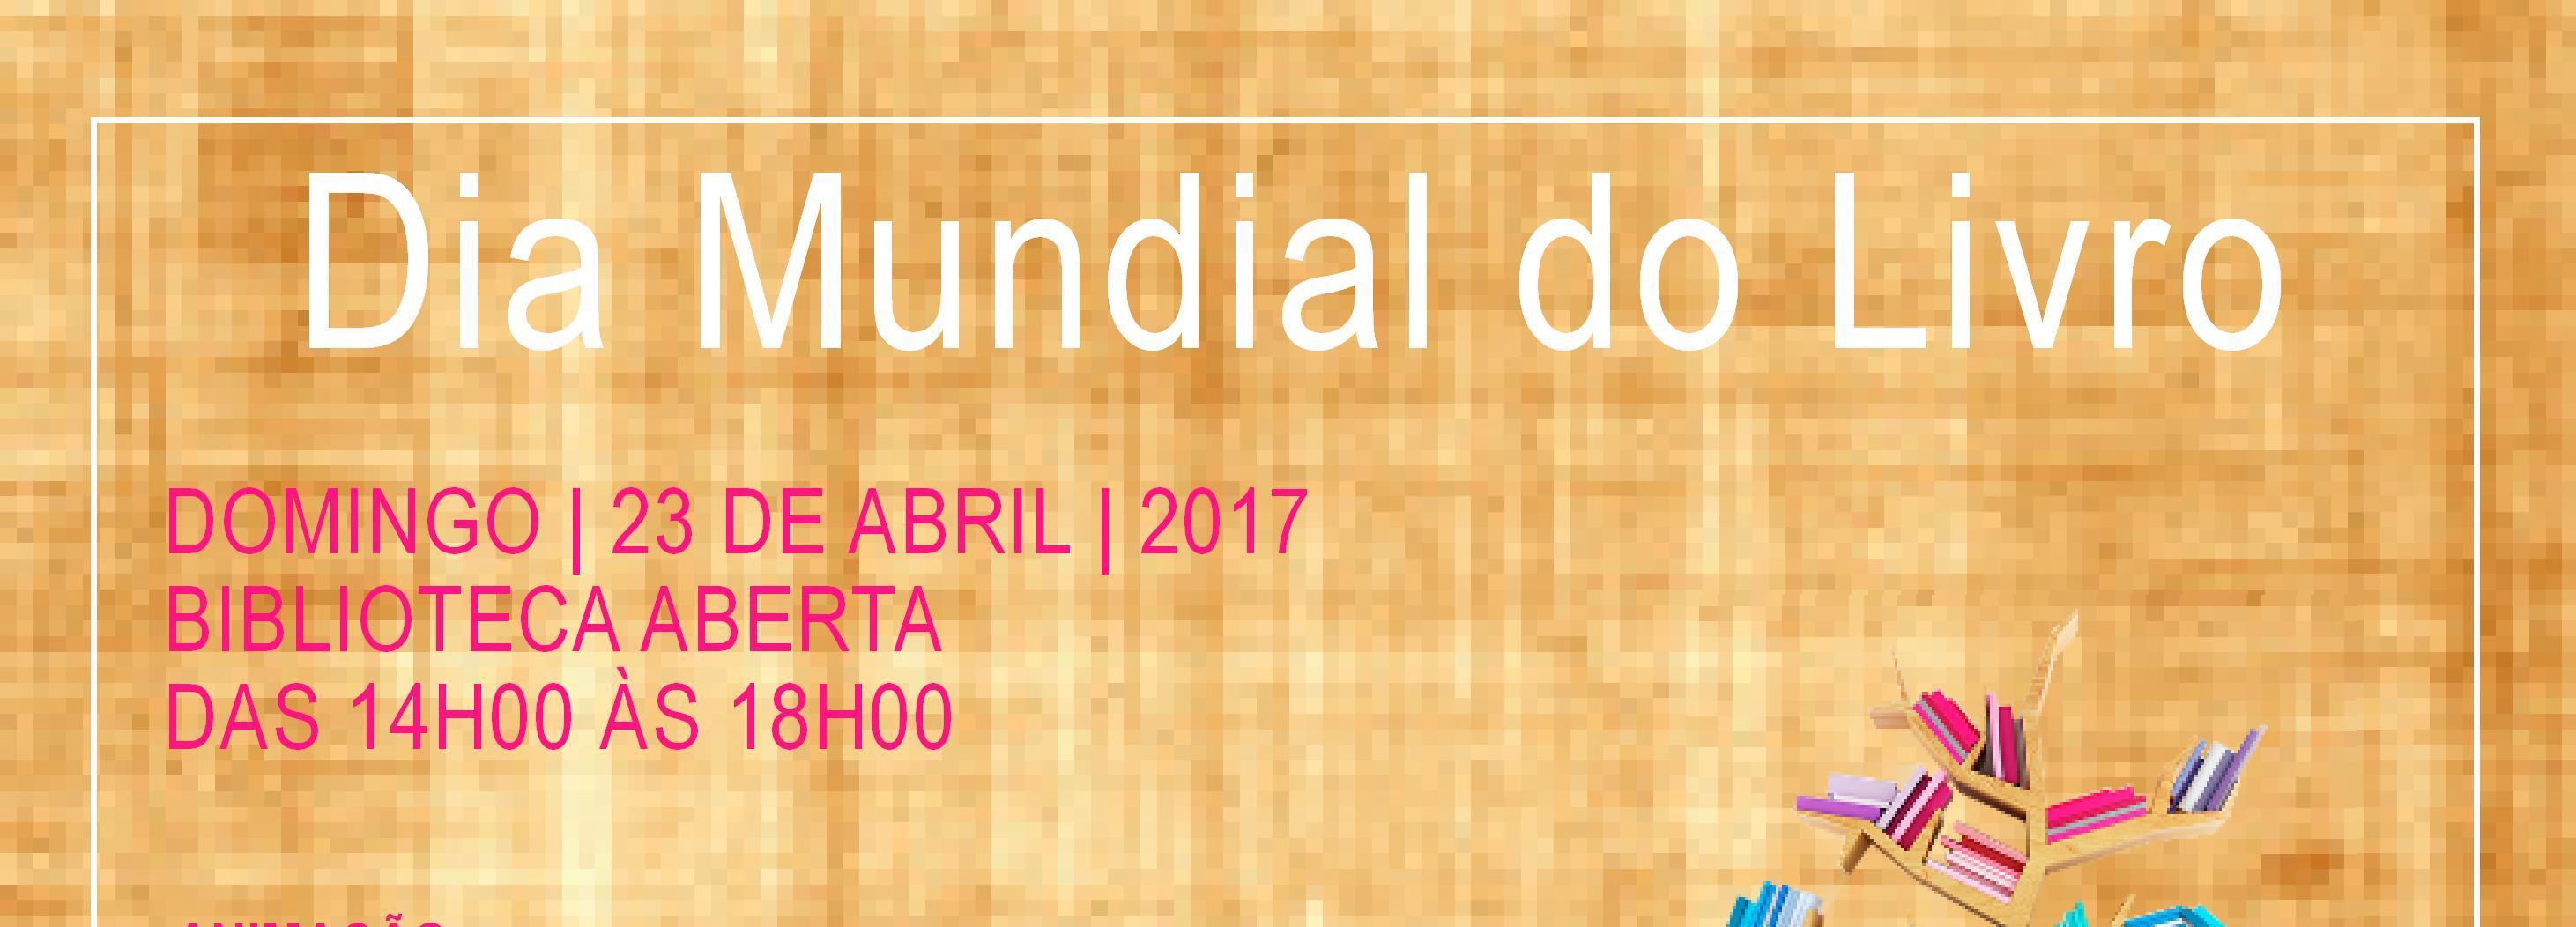 Câmara Municipal de Barcelos promove Dia Mundial do Livro em família